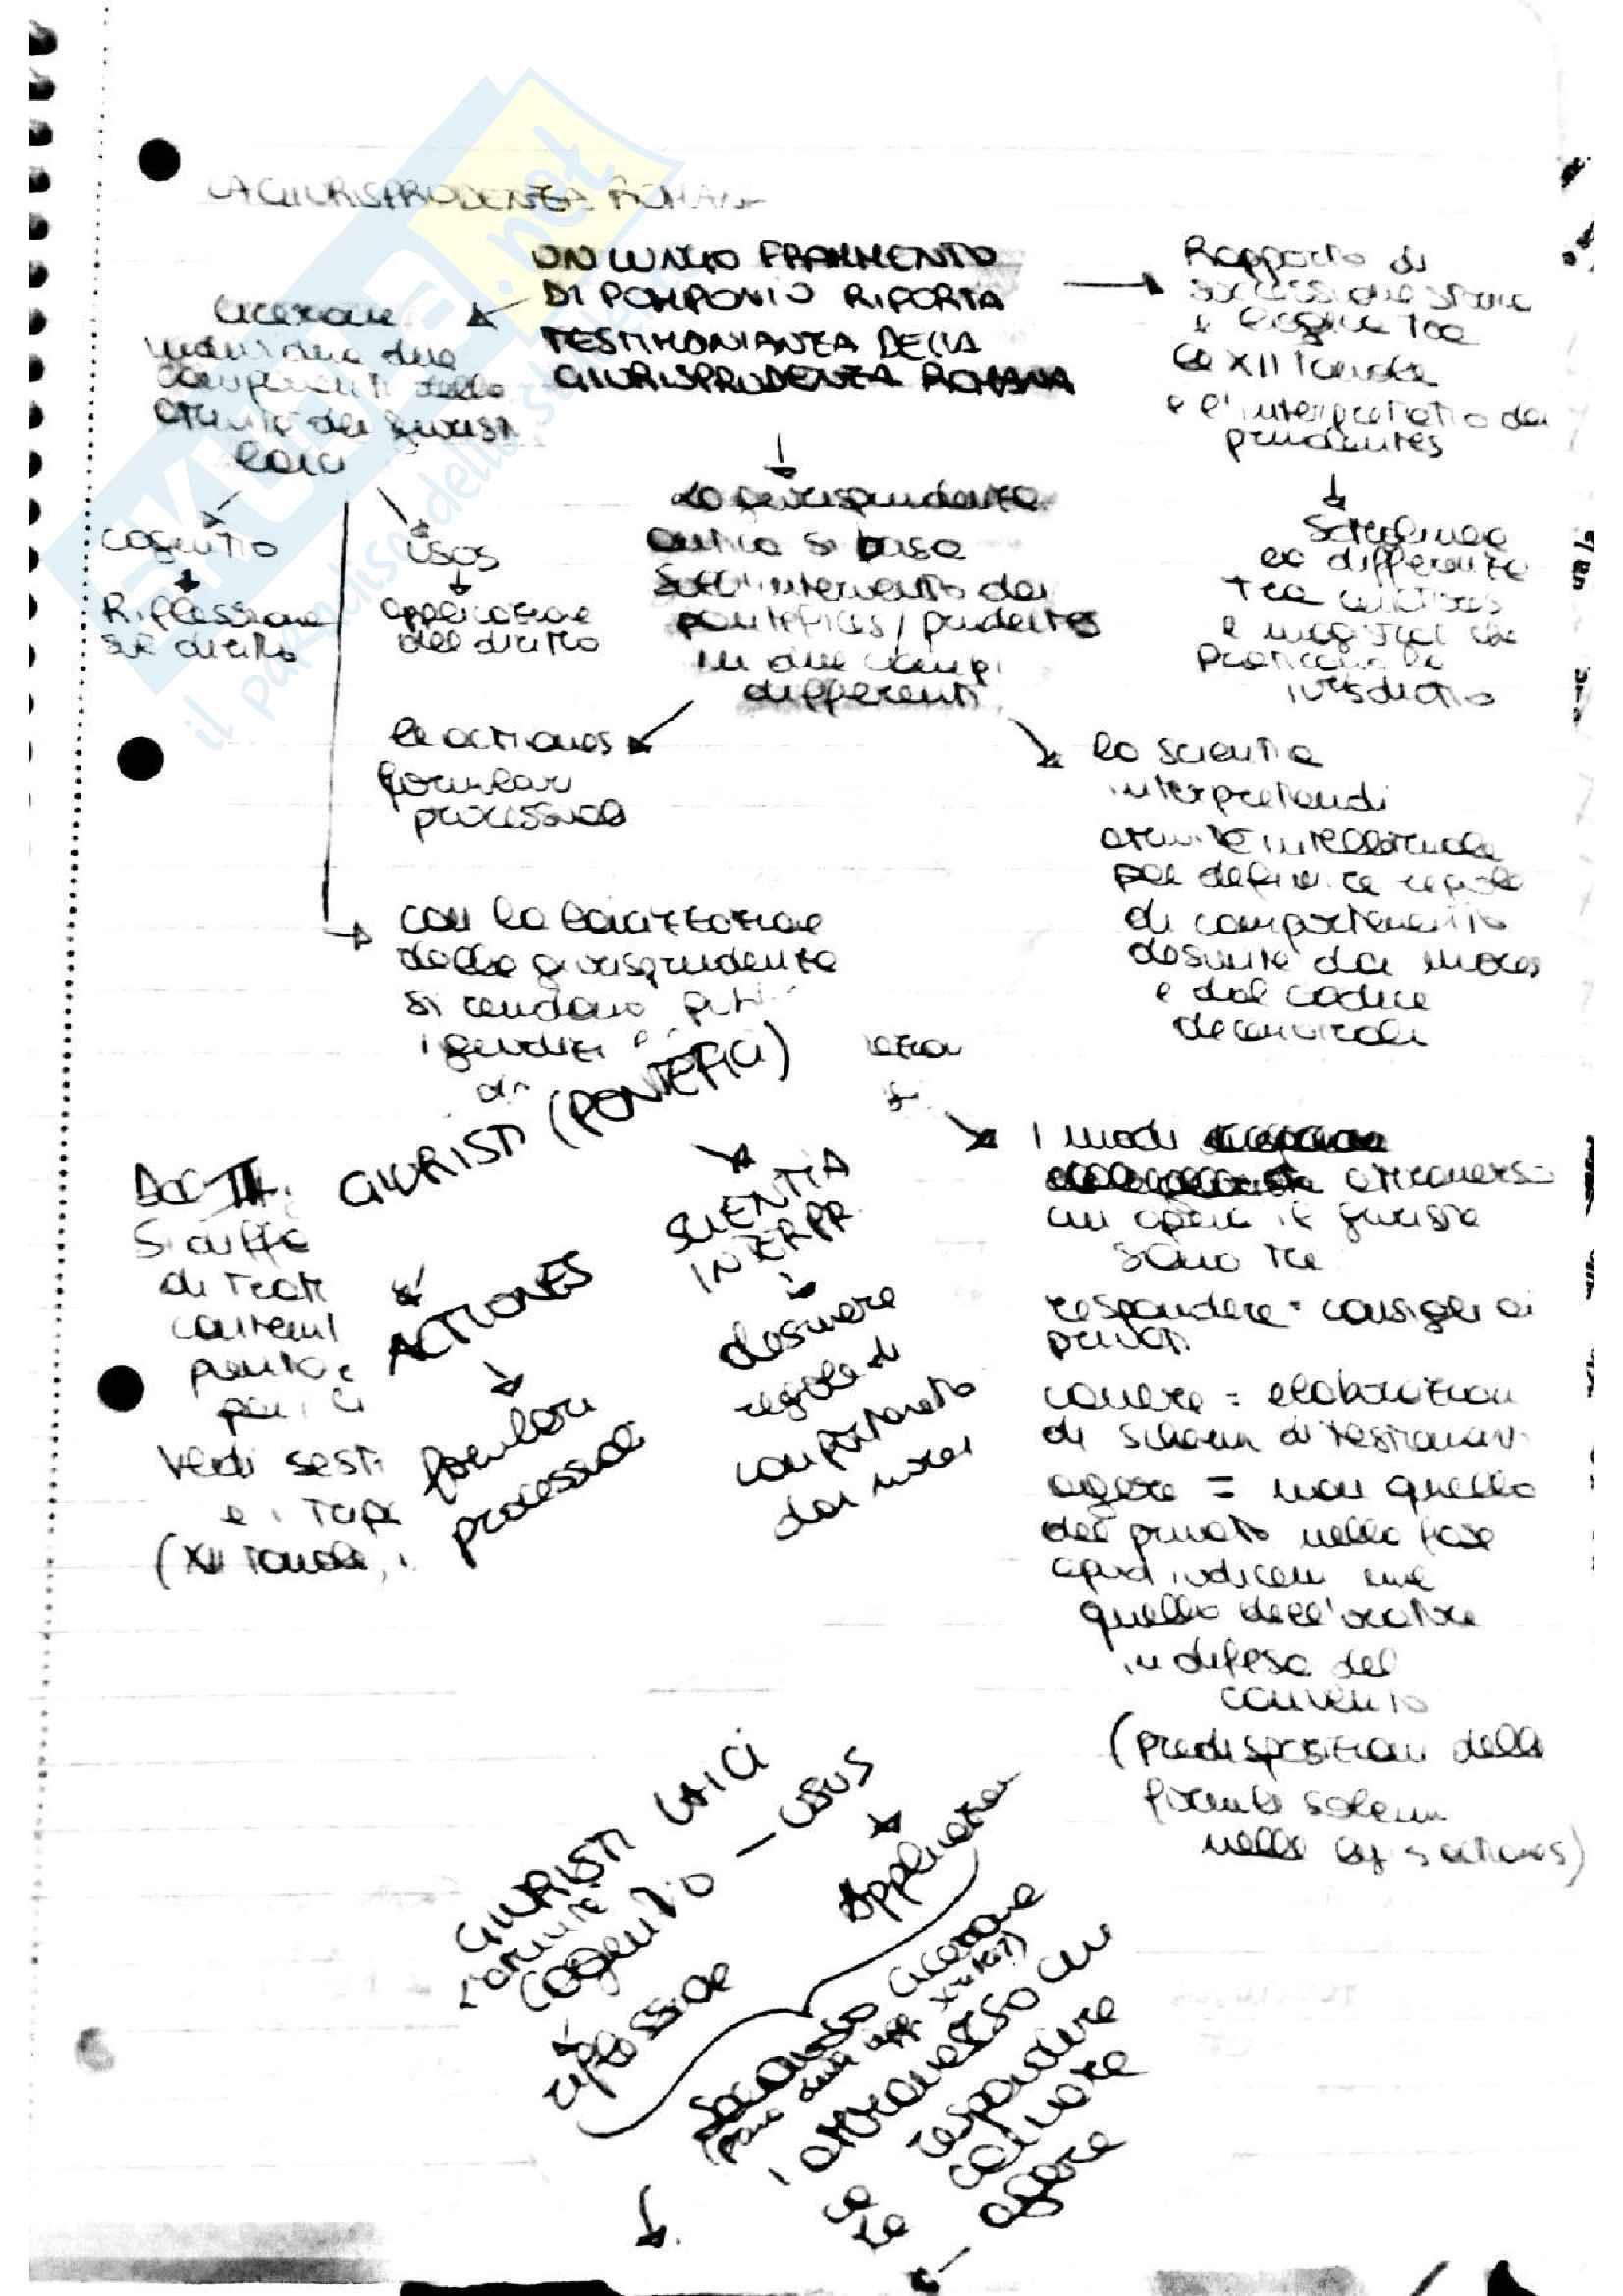 Appunti a mano di storia del diritto romano Pag. 11